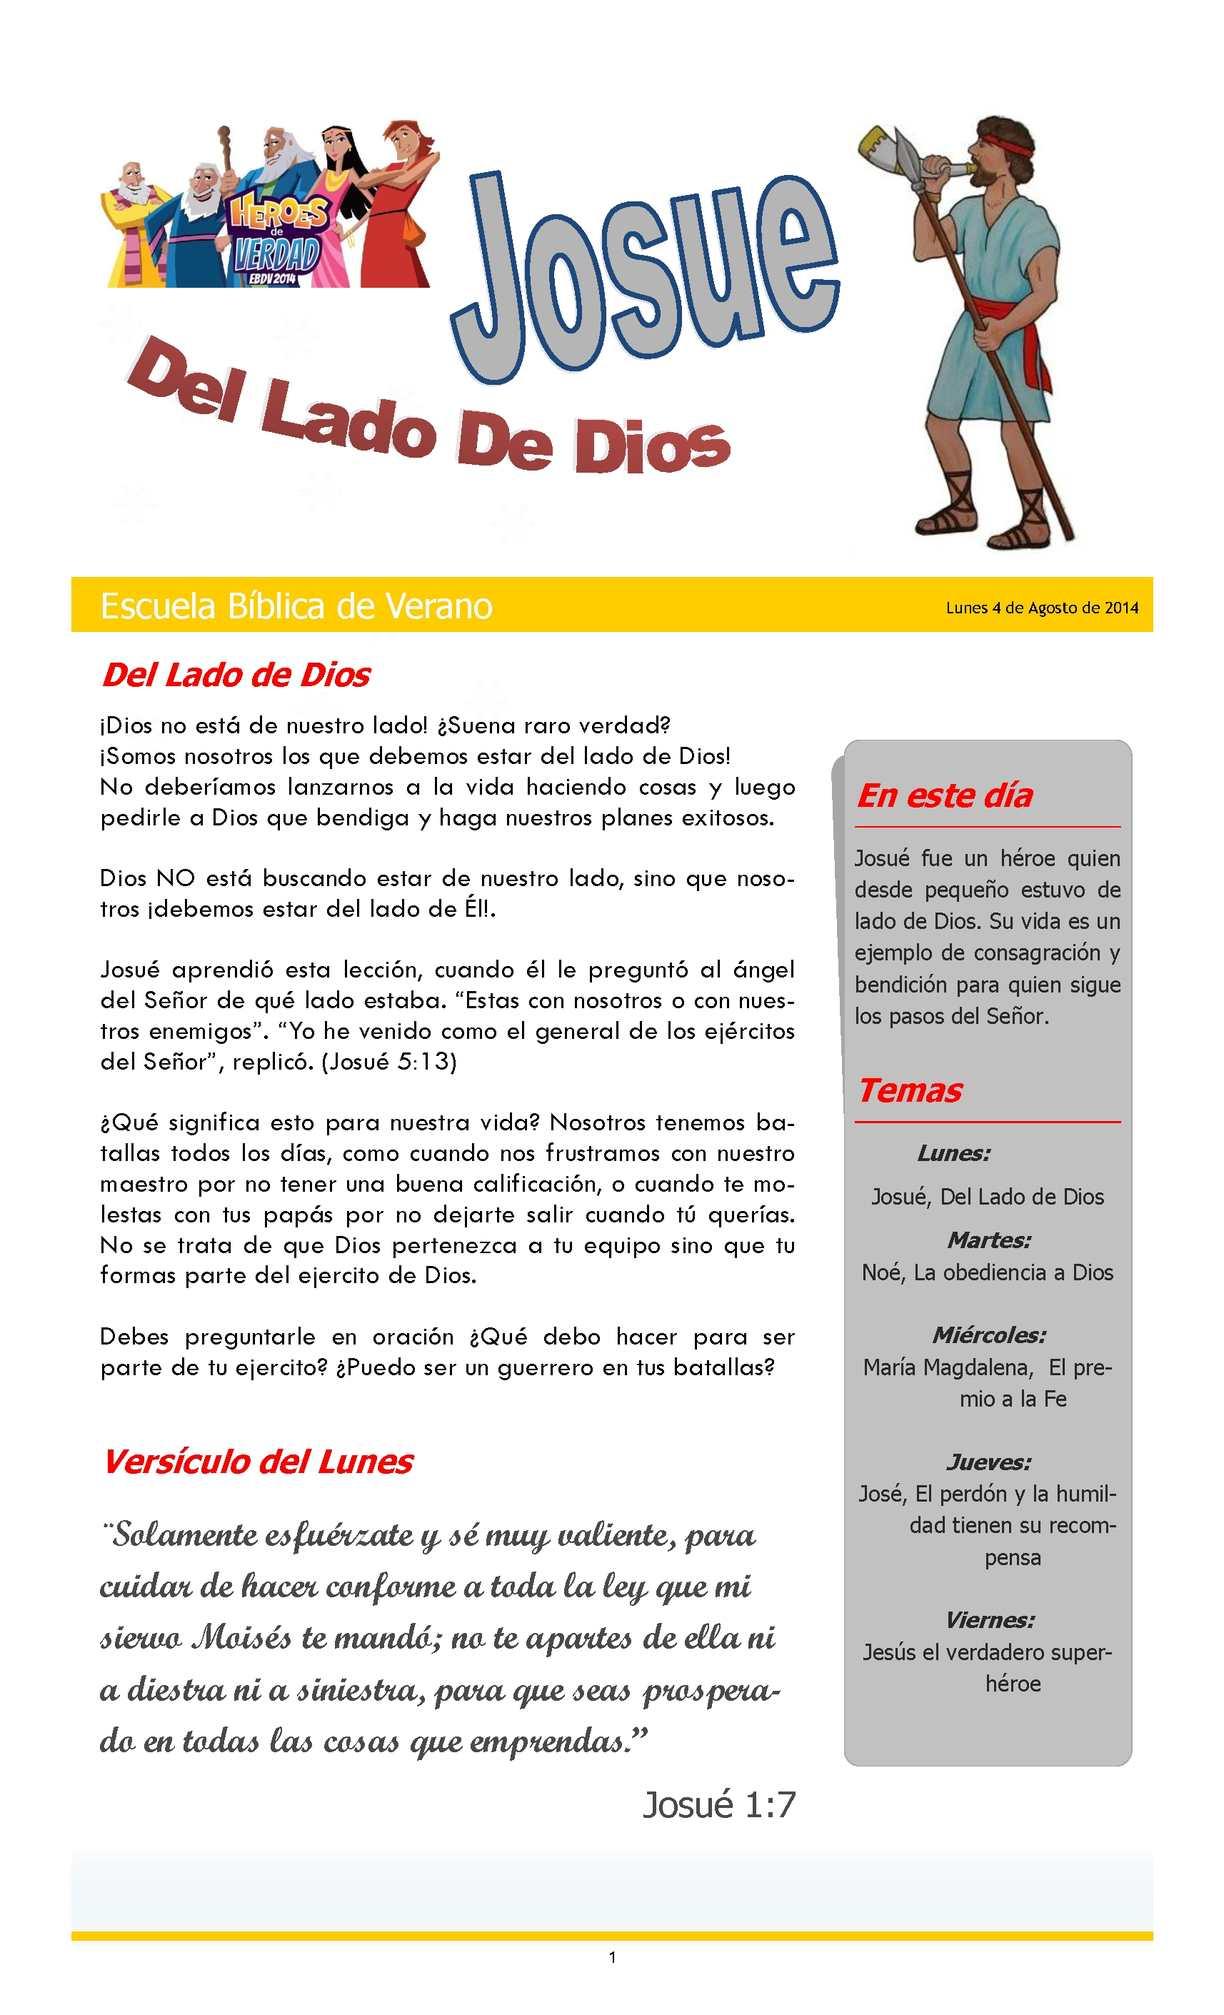 Calaméo - Josue, del lado de Dios